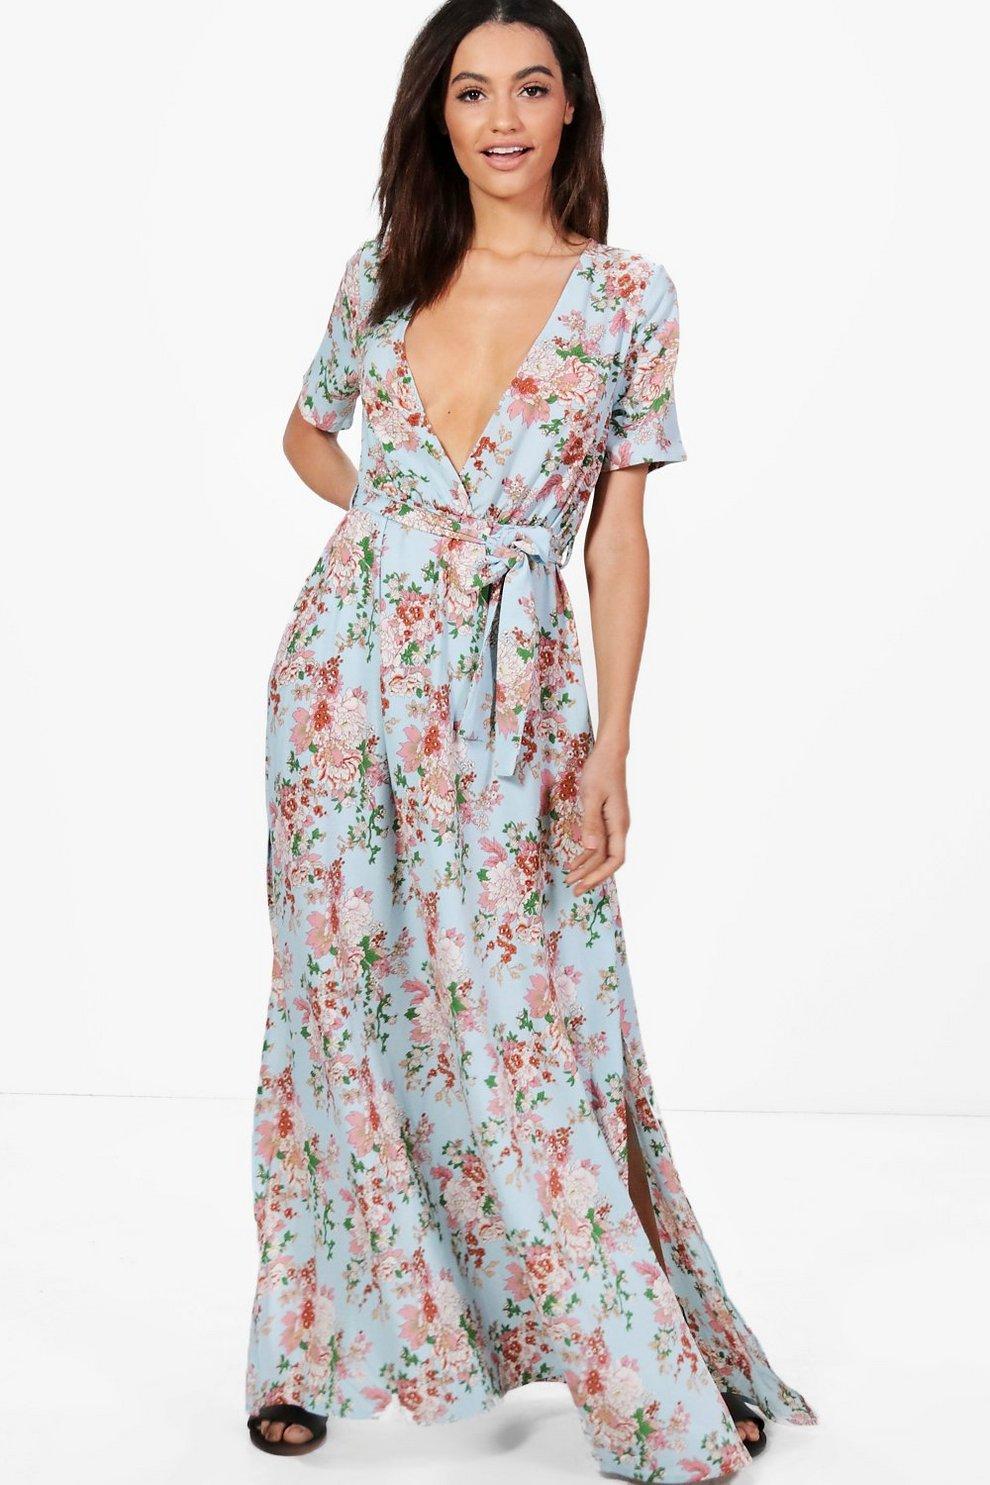 64445a994c7 Evie Floral Wrap Front Maxi Dress